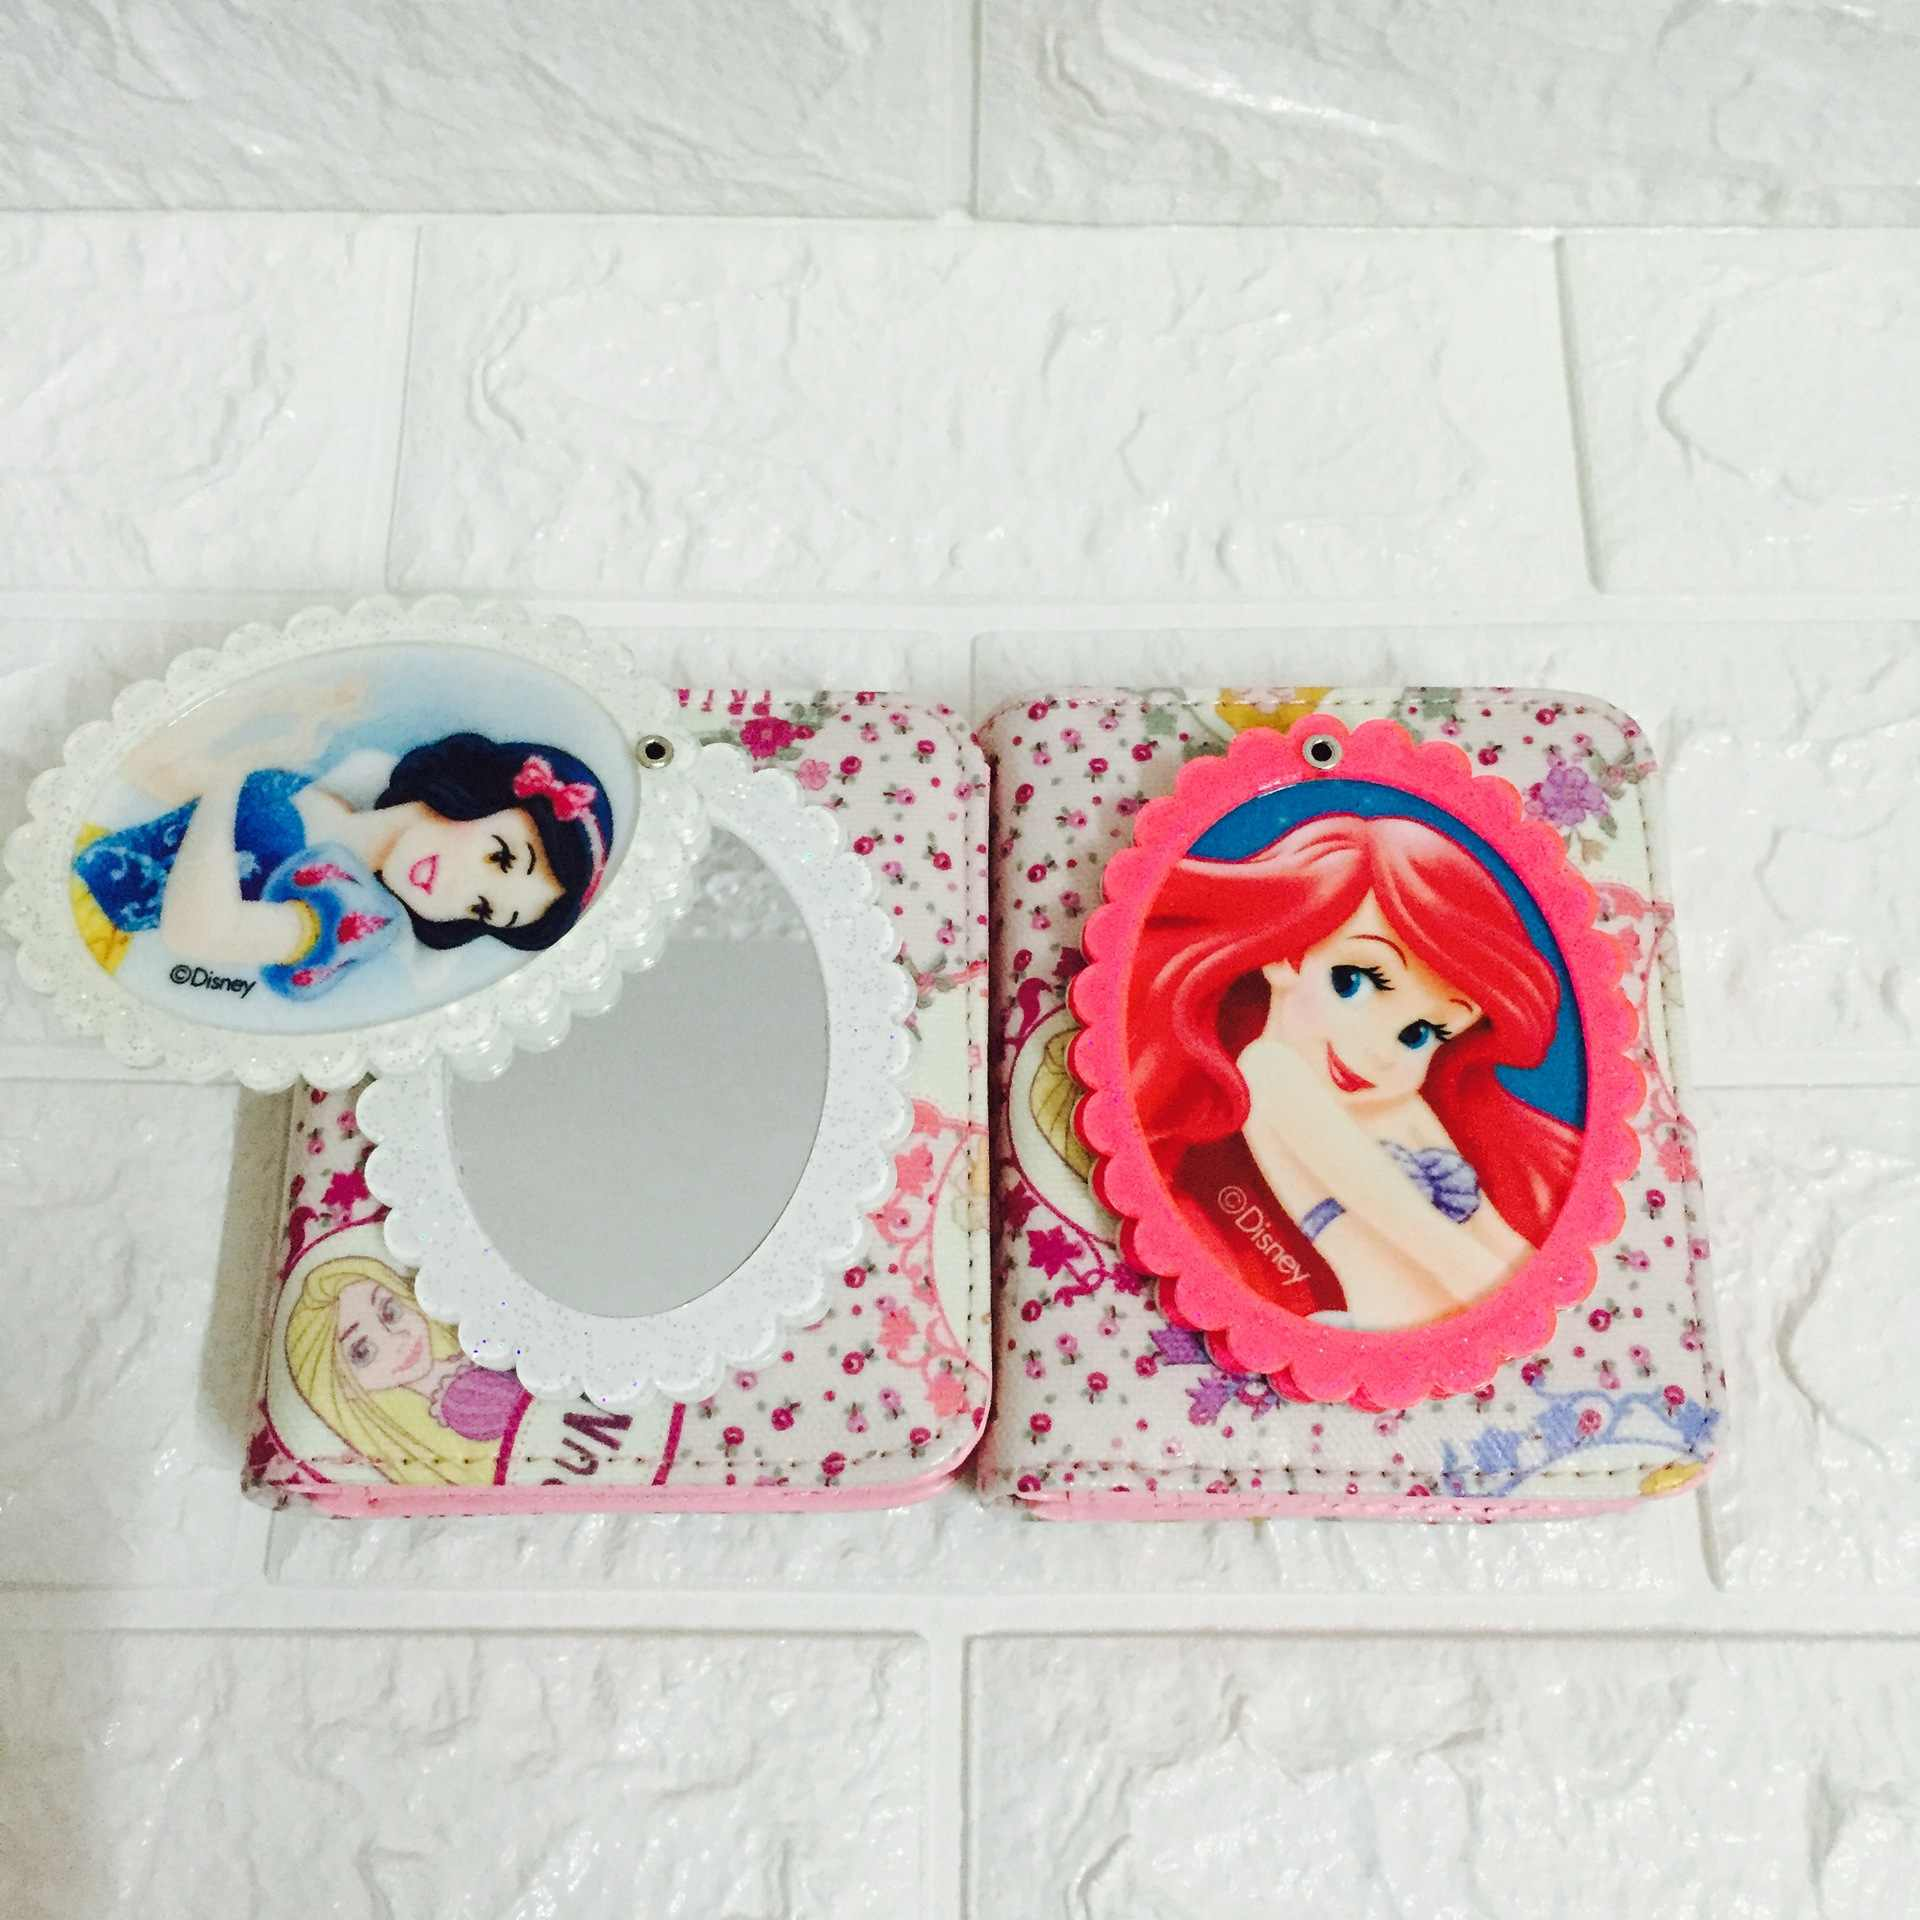 Disney prinzessin dame brieftasche mit spiegel muster nette mädchen cartoon geldbörse münze Gefrorene frauen karte halter fall geschenk Kupplung handtasche